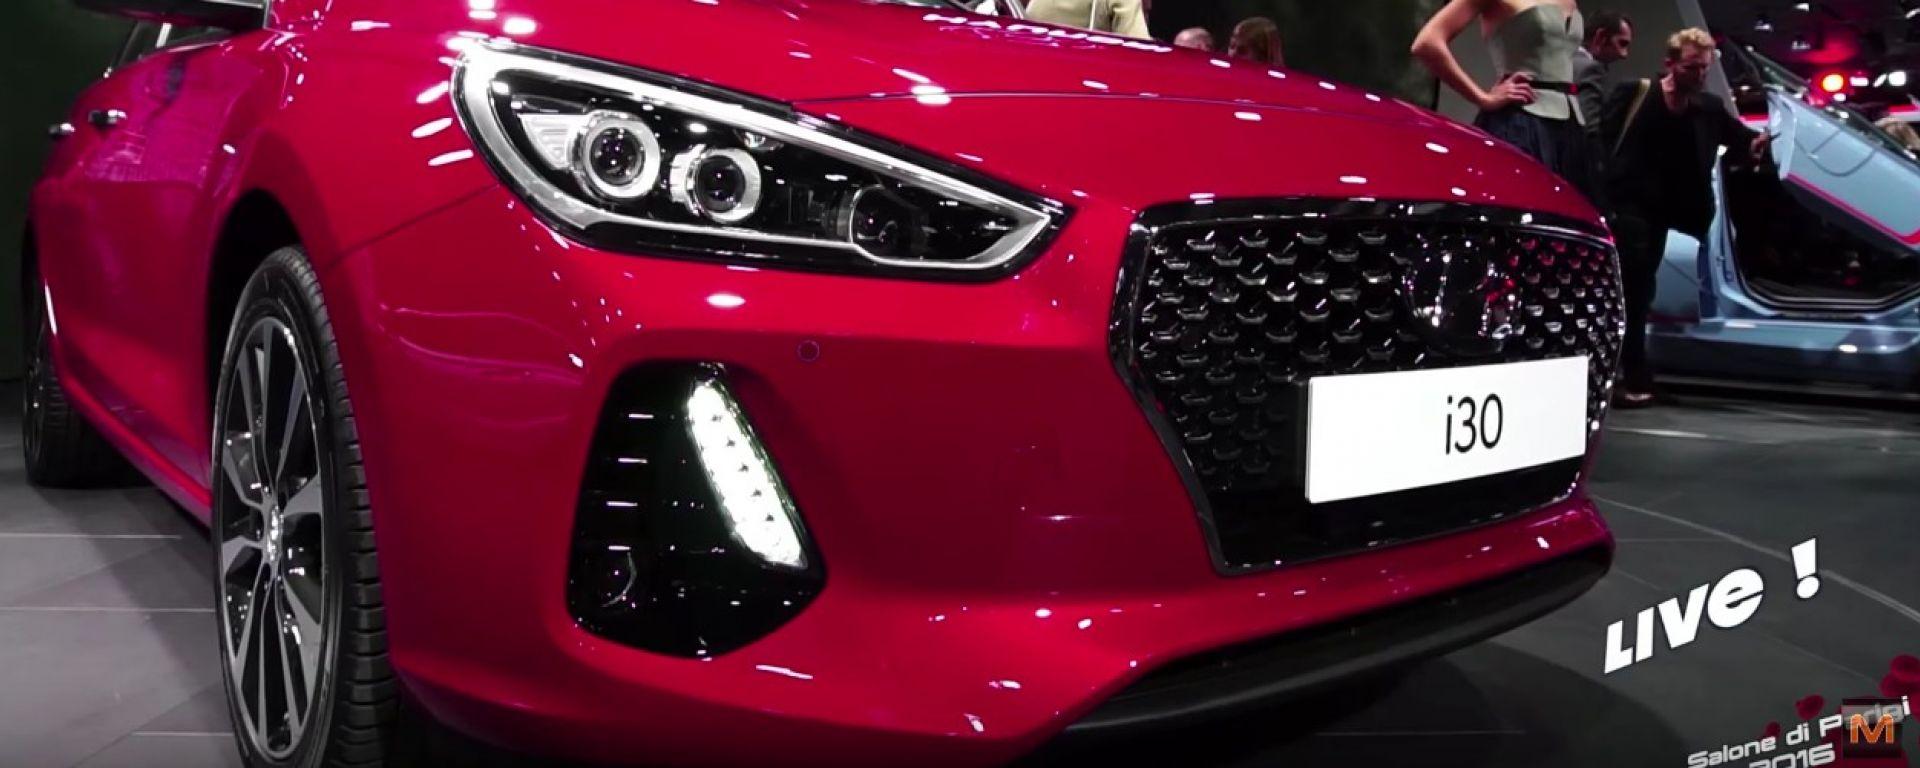 Hyundai i30 Salone di Parigi 2016